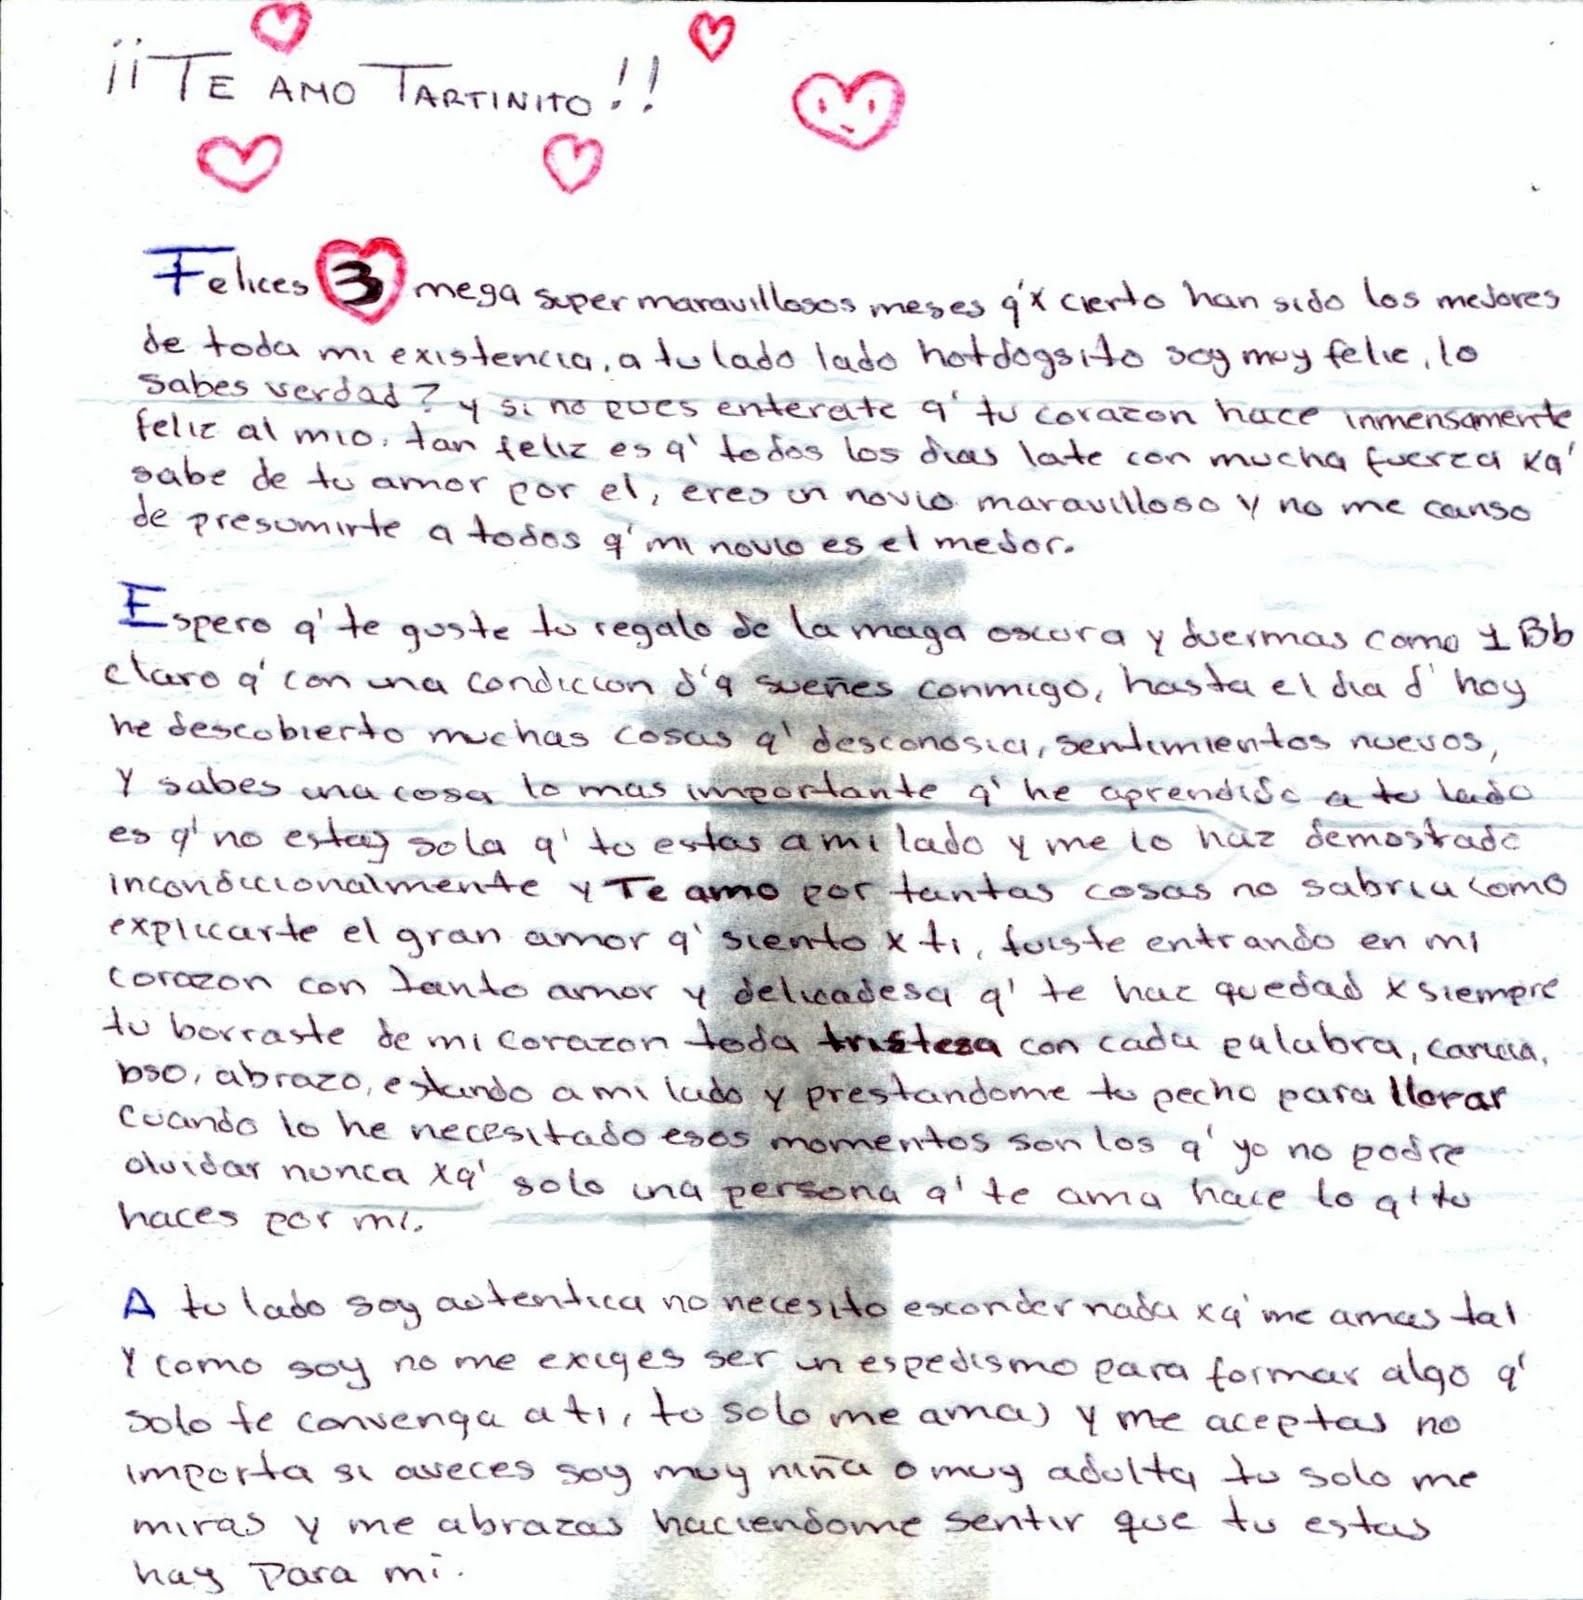 Tumblr Frases De Libros De Amor En Espanol Innatiacom Imagenes Con